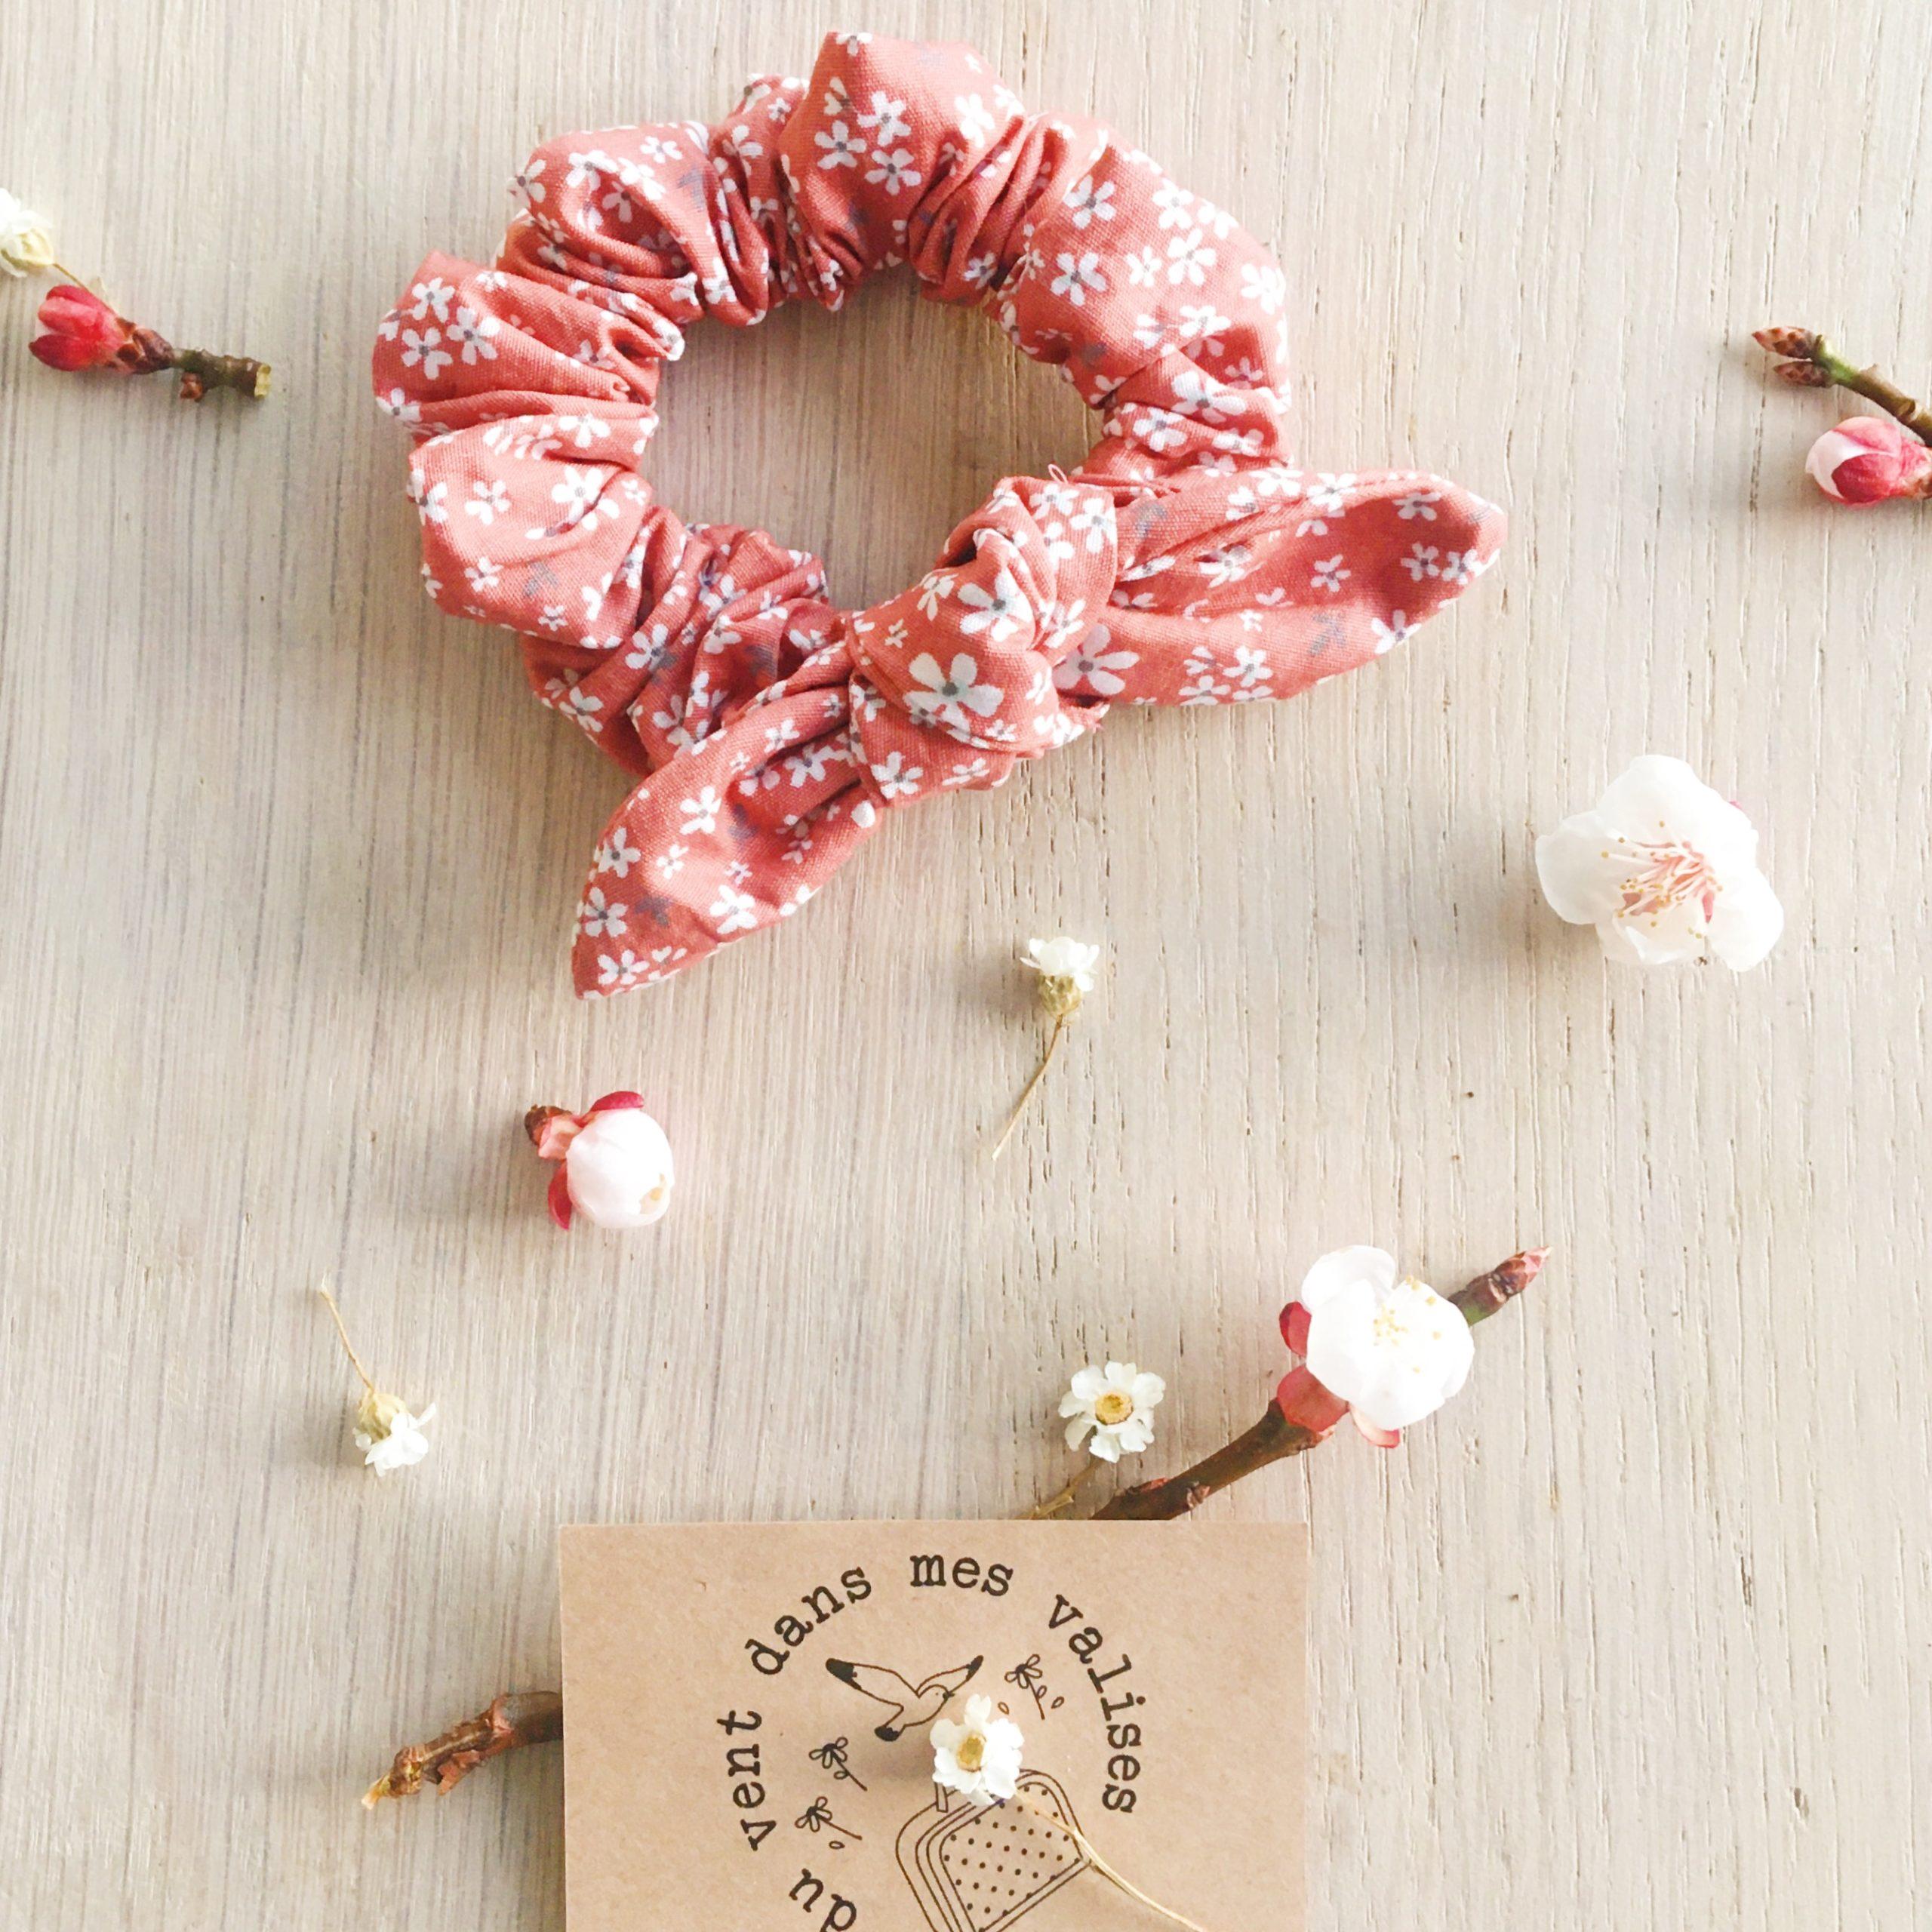 chouchou floral fleurs de cerisier vieux rose - du vent dans mes valises